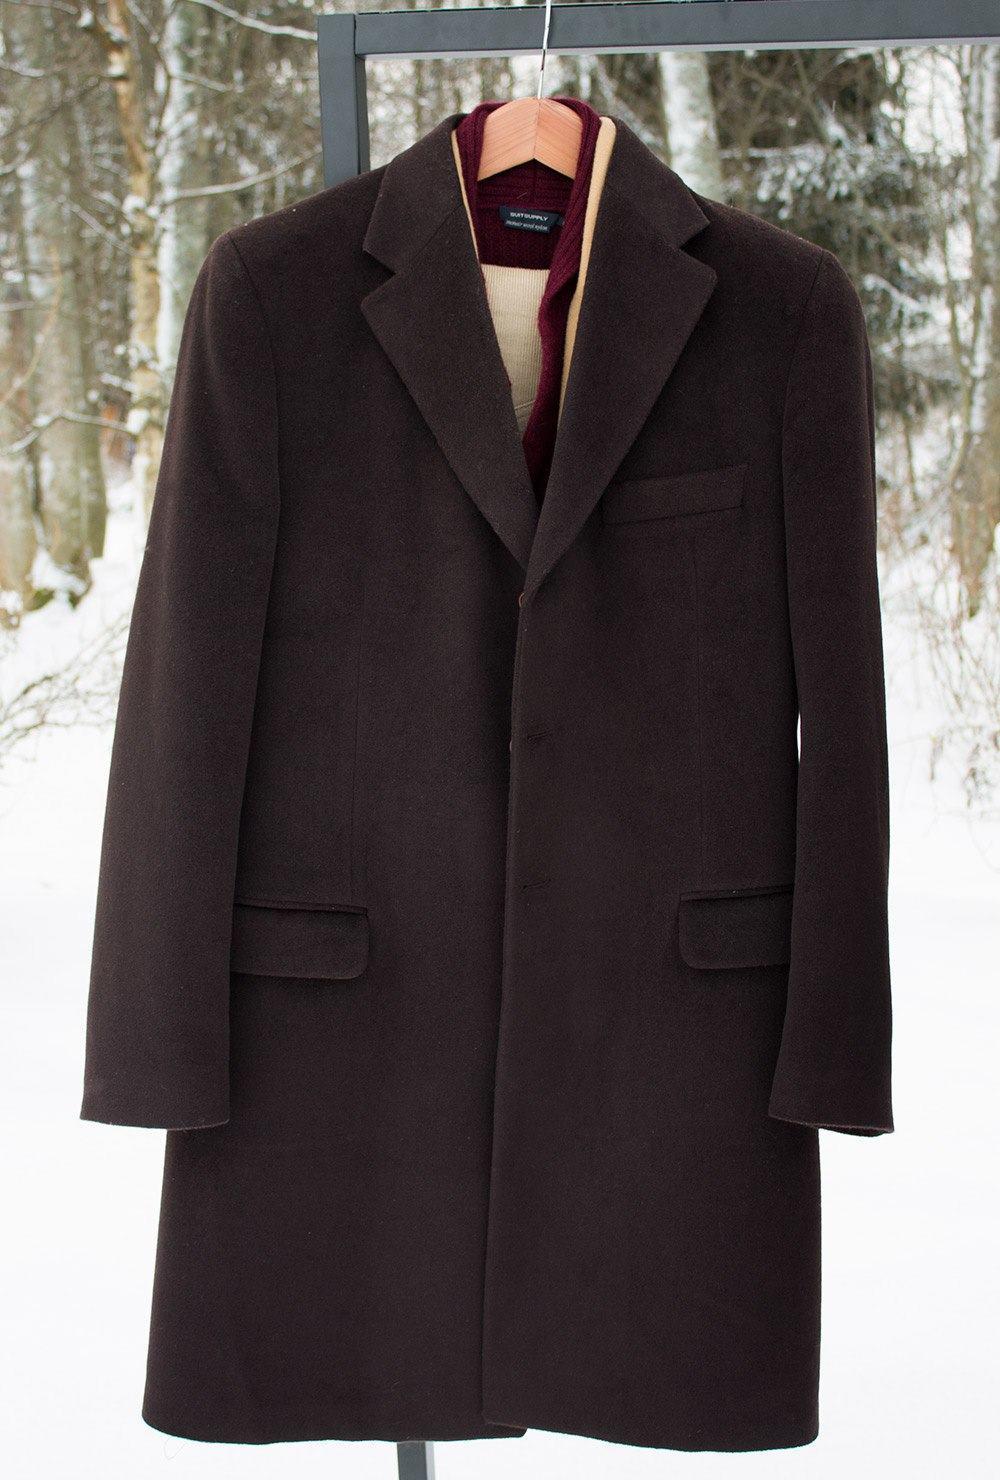 Kaupallinen yhteistyö Dressmann: Näin pukeutuu pikkujoulujen kuumin mies